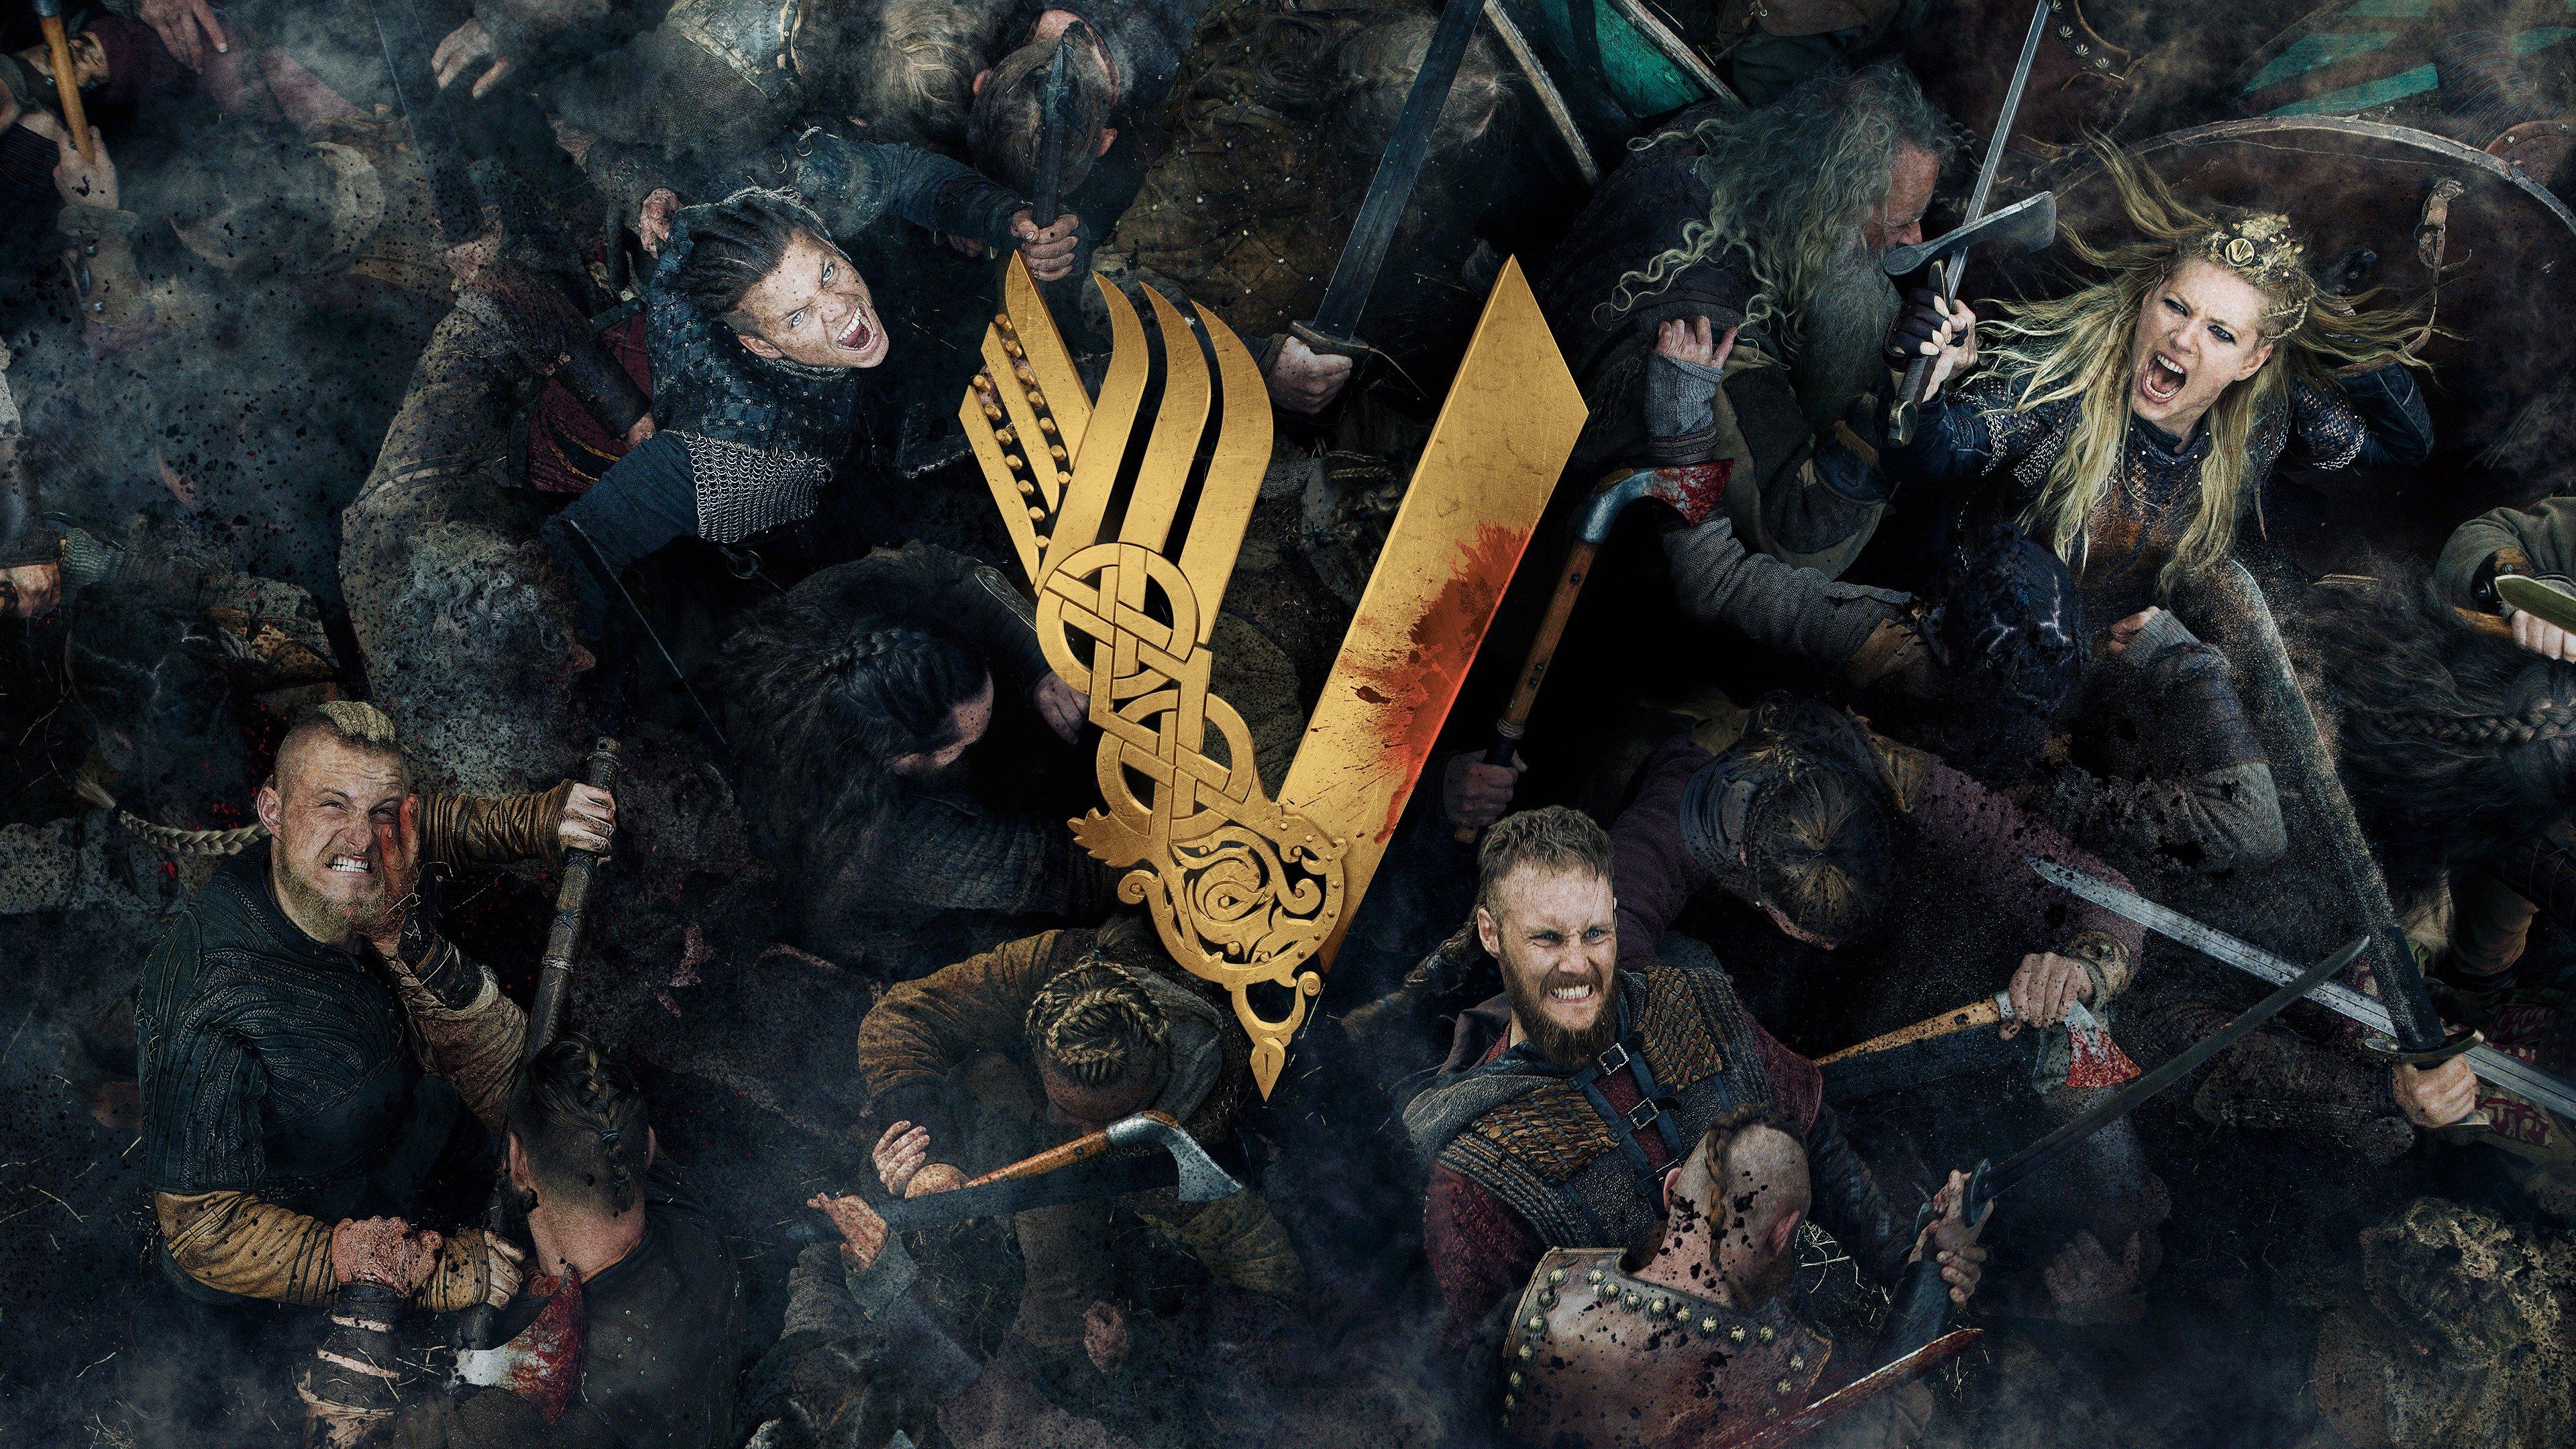 картинки нд качества викинги вариант